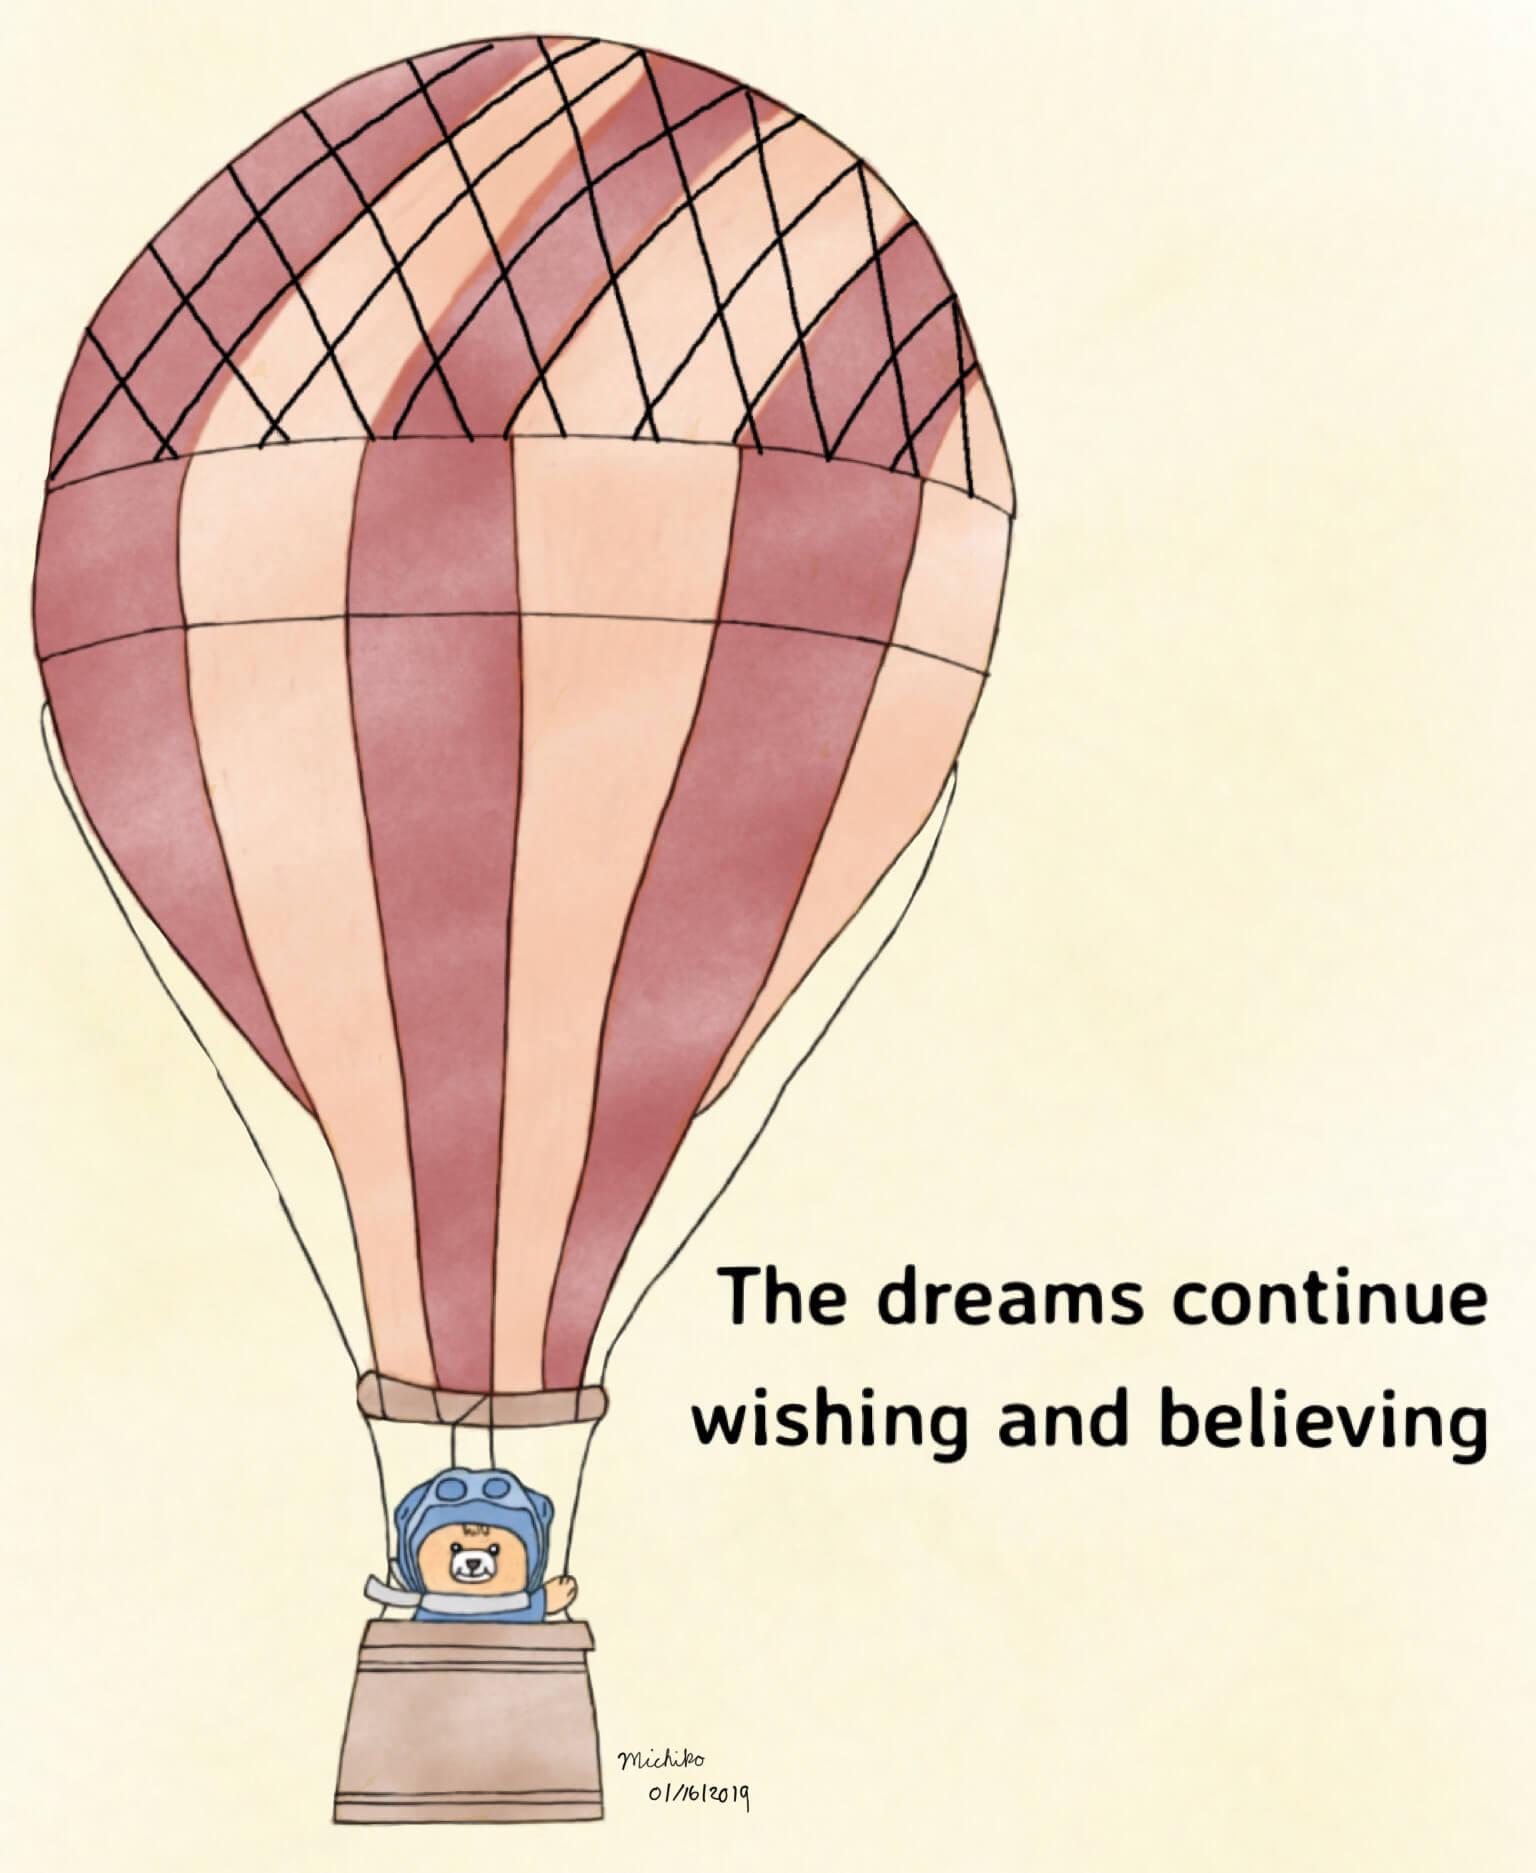 Teddy bear hot air balloon